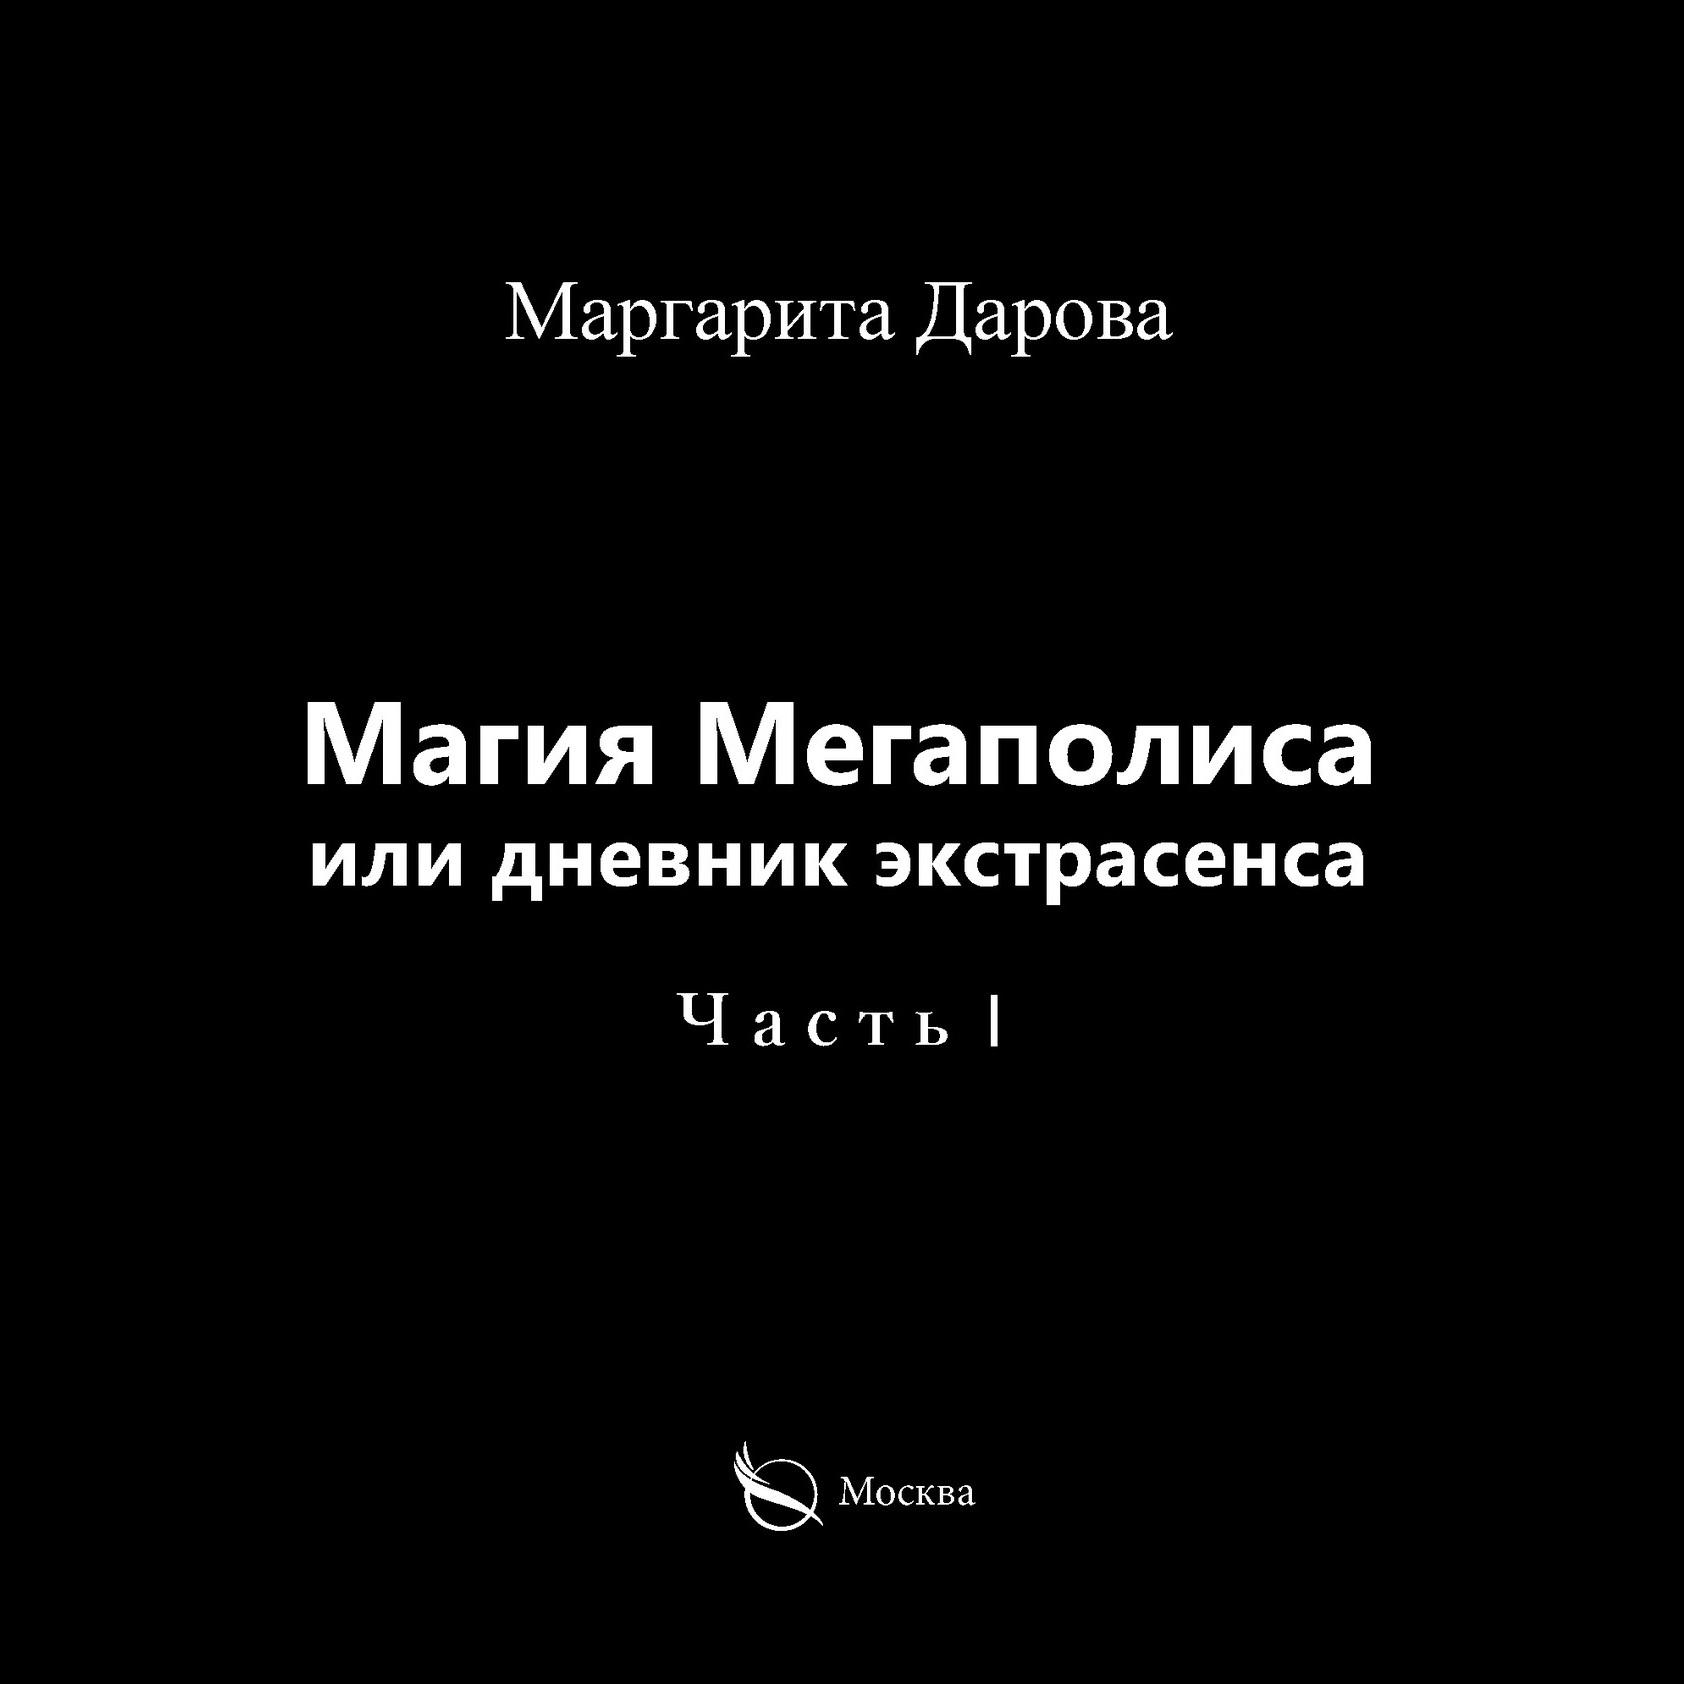 Магия Мегаполиса или дневник экстрасенса. Часть I